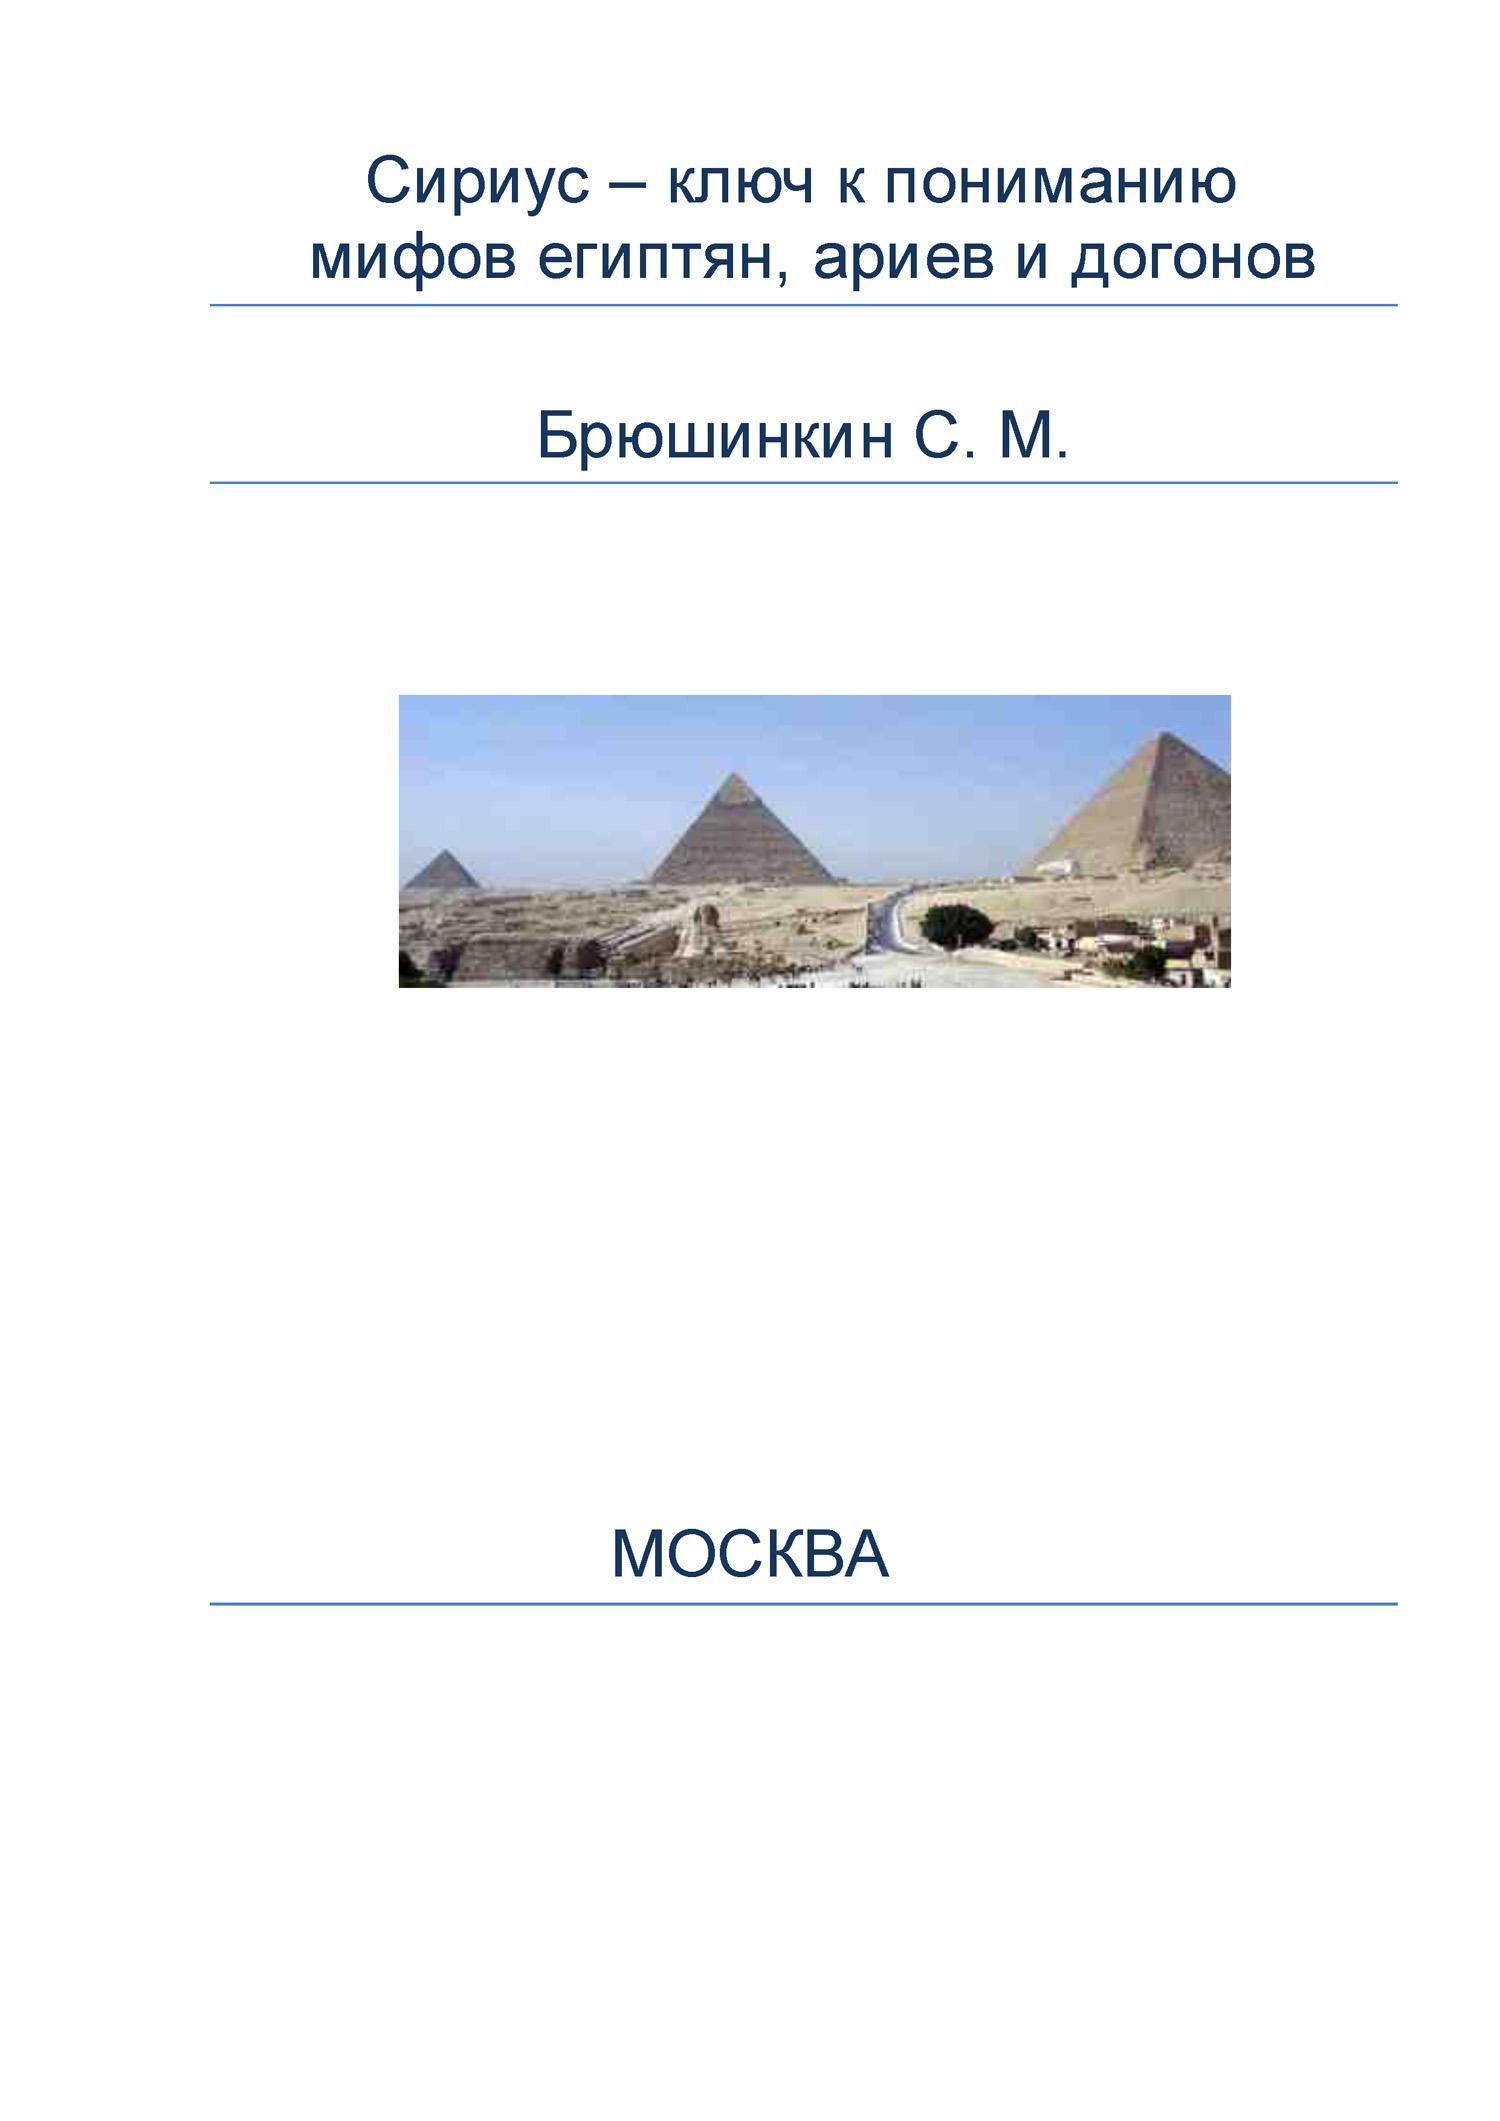 Сергей Брюшинкин Сириус – ключ к пониманию мифов египтян, ариев и догонов